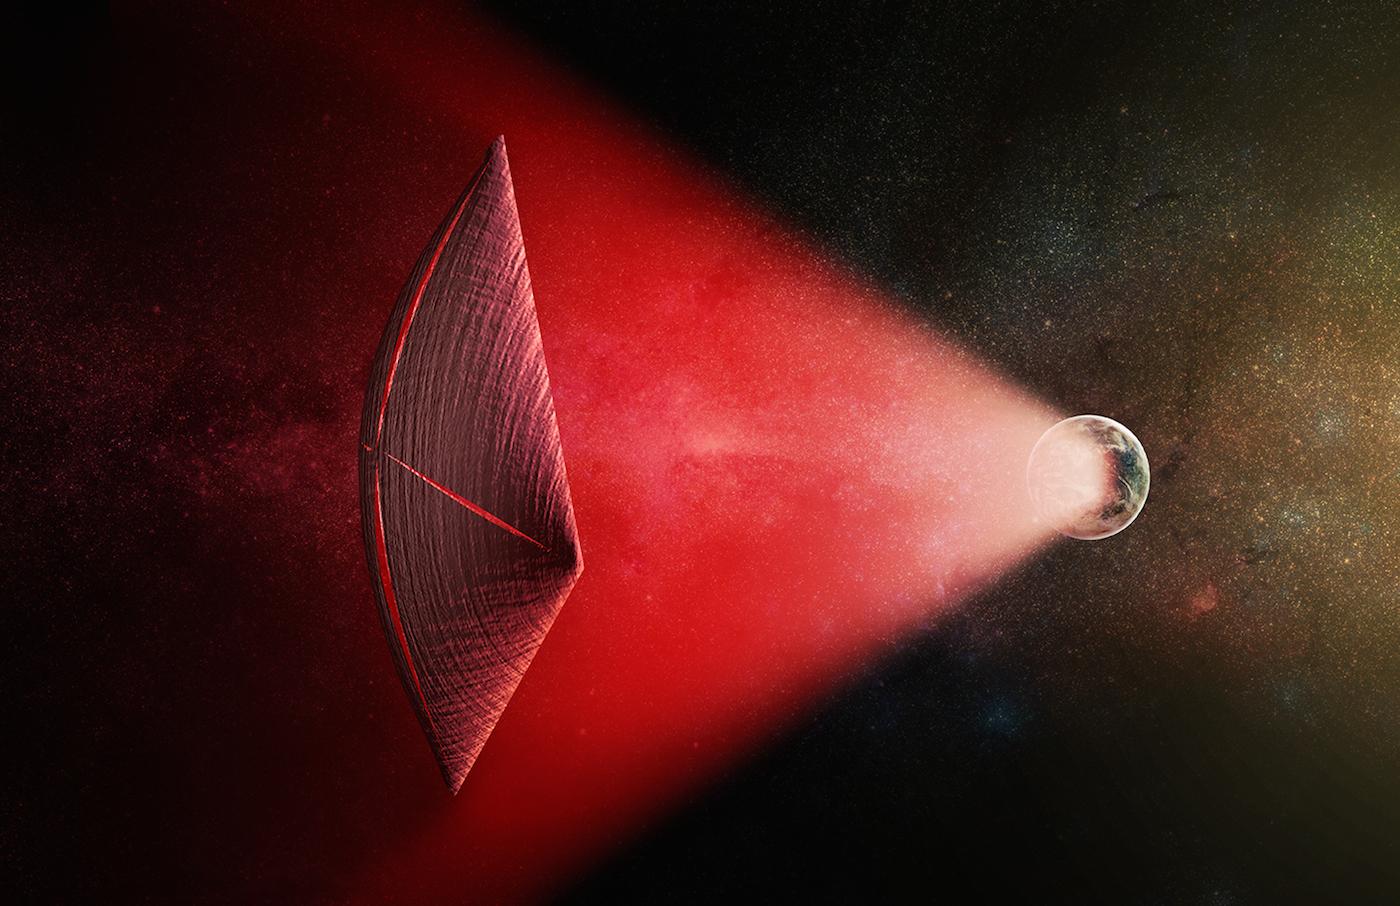 Conceito artístico de uma vela de onda de rádio (a vermelho) com origem na superfície de um planeta